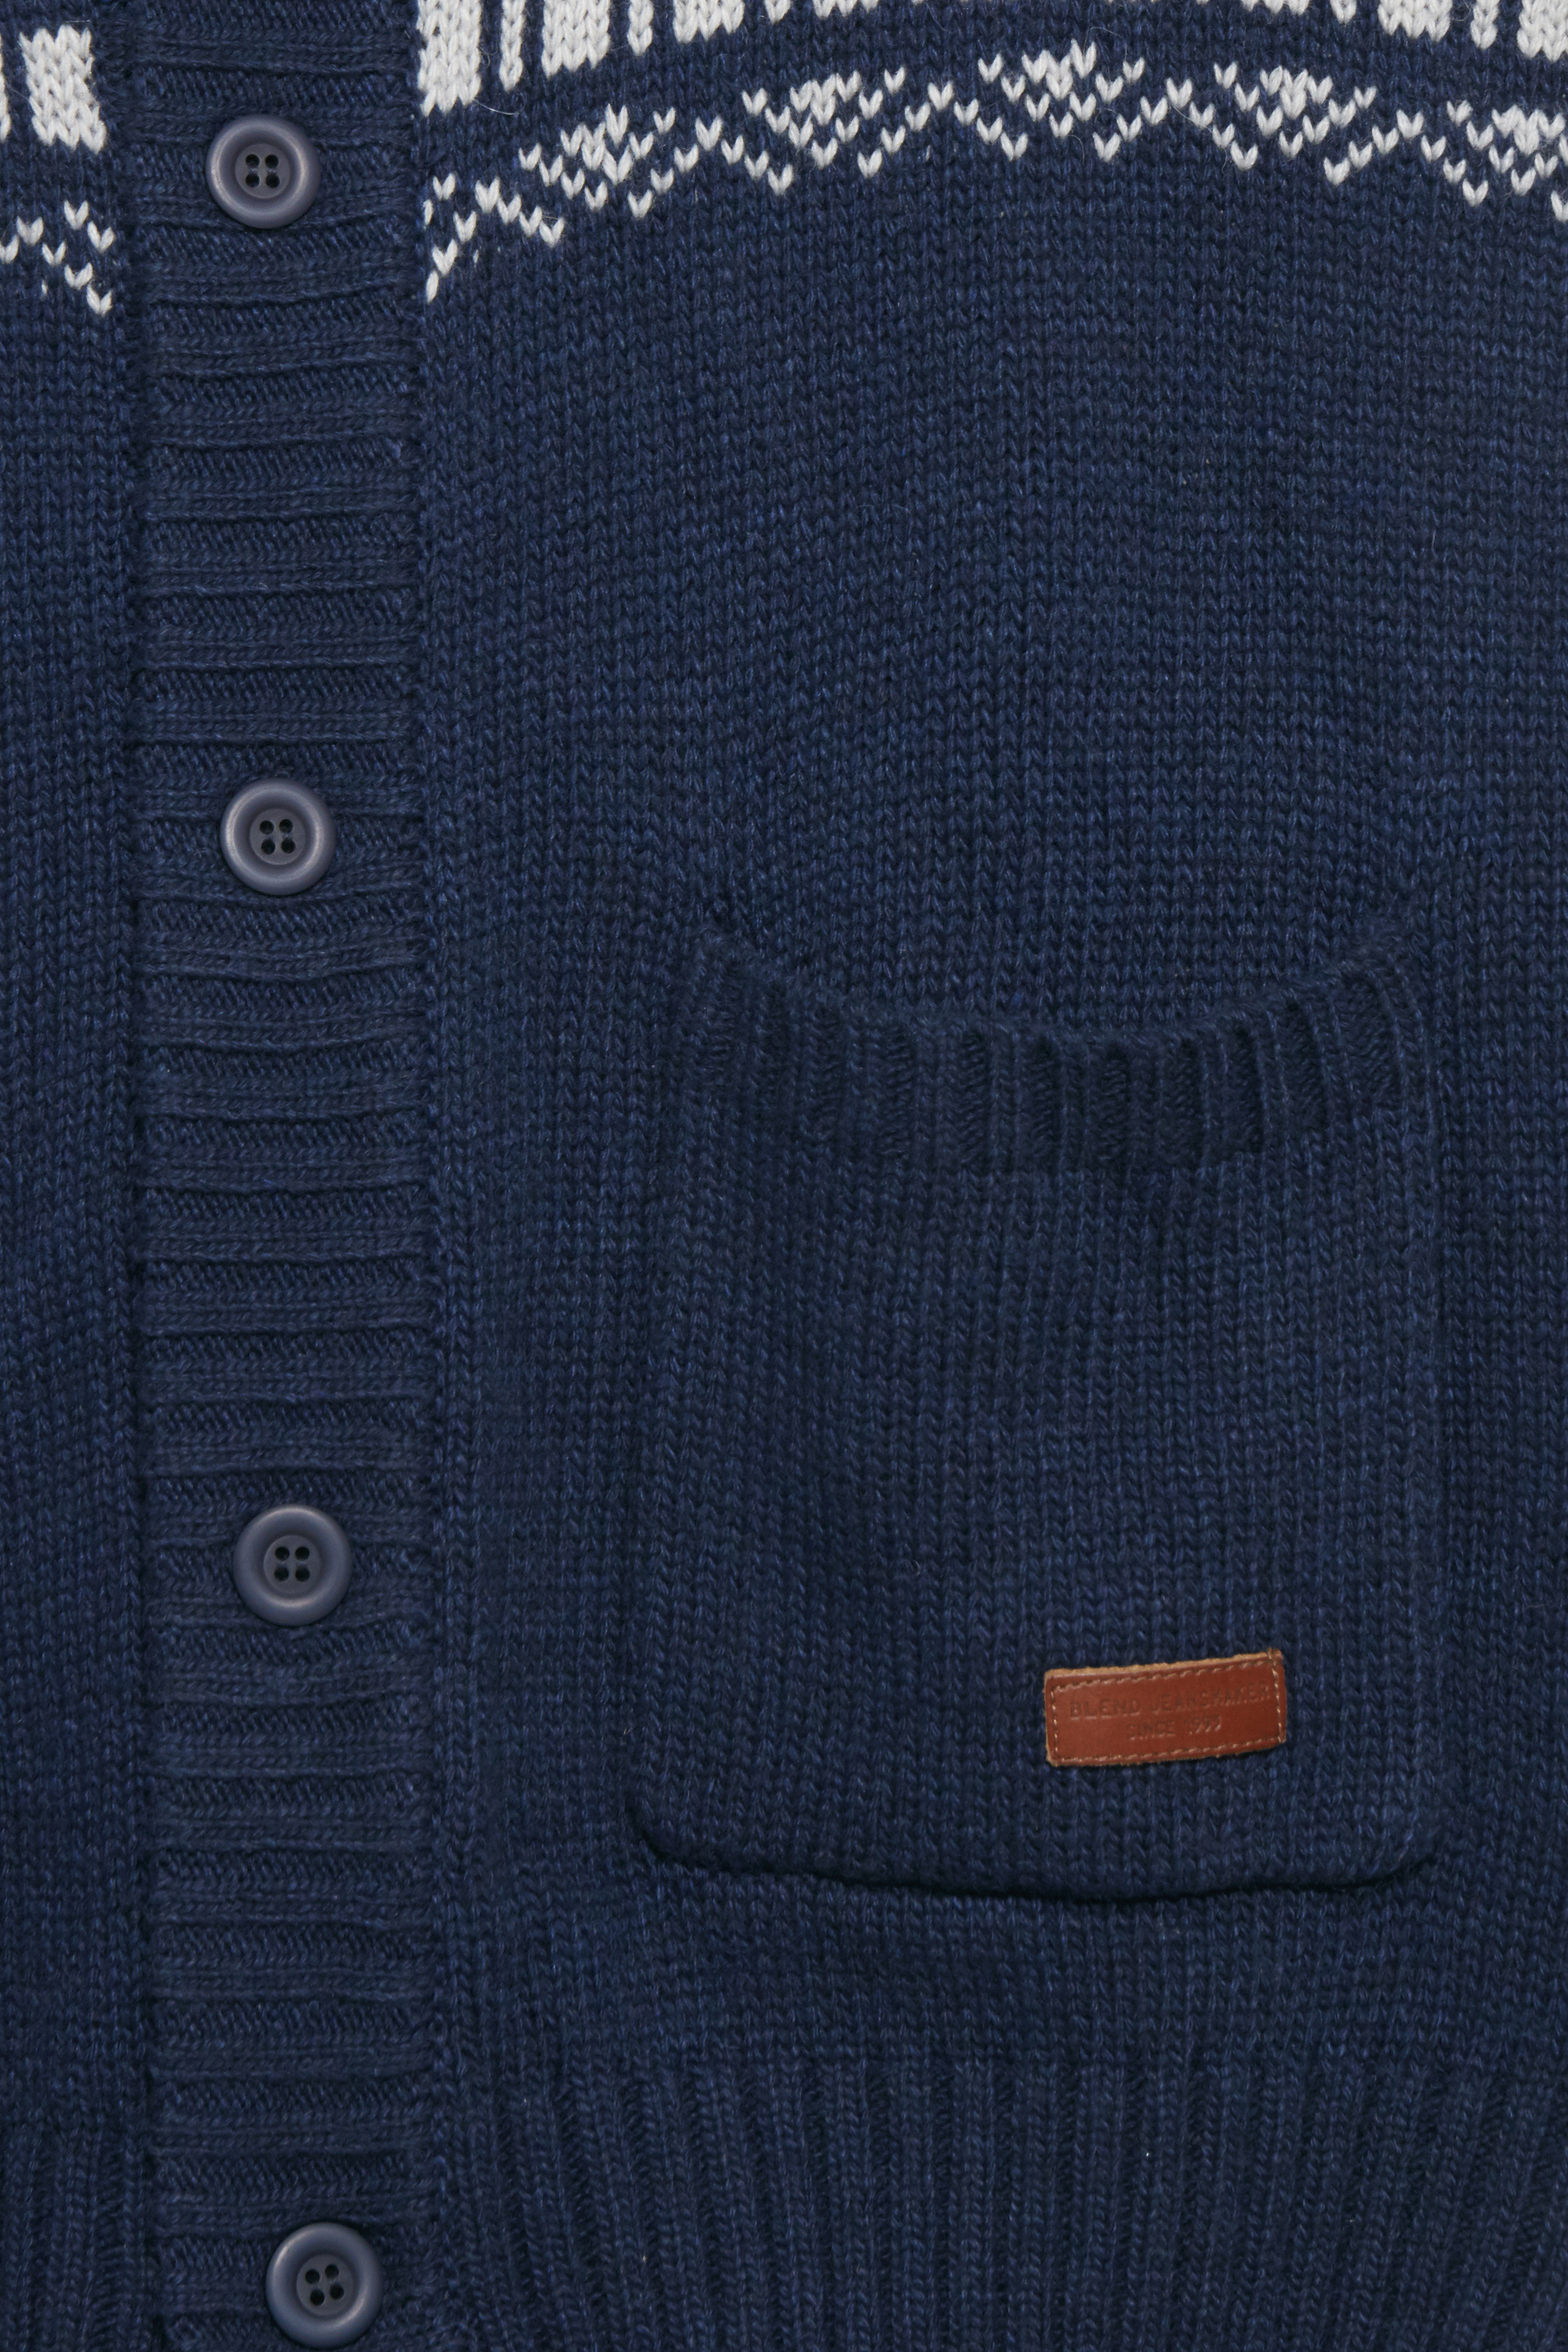 Peacoat Blue Strikcardigan – Køb Peacoat Blue Strikcardigan fra str. S-XXL her